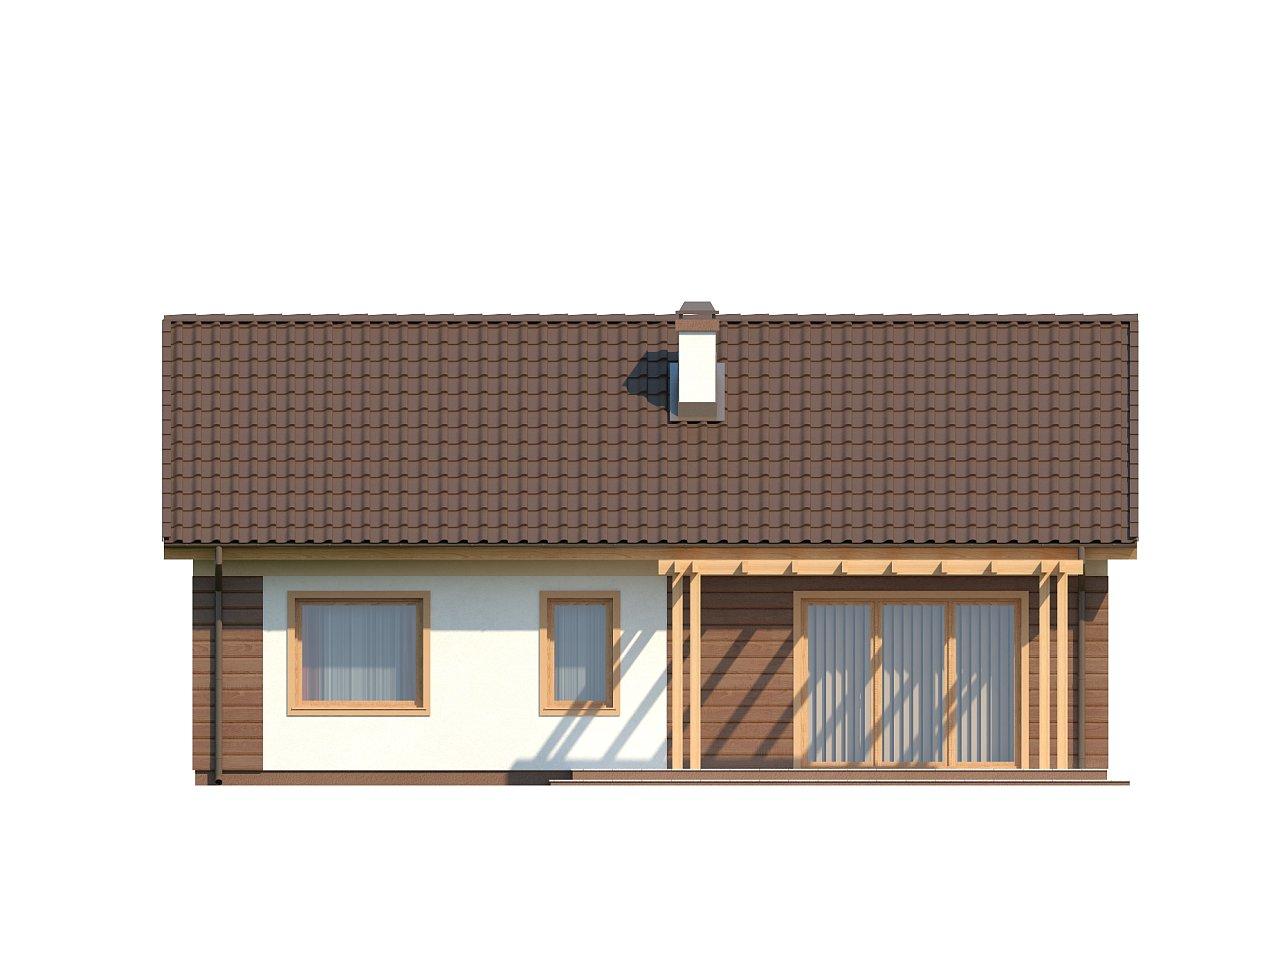 Аккуратный одноэтажный дом простой формы с двускатной крышей. 4